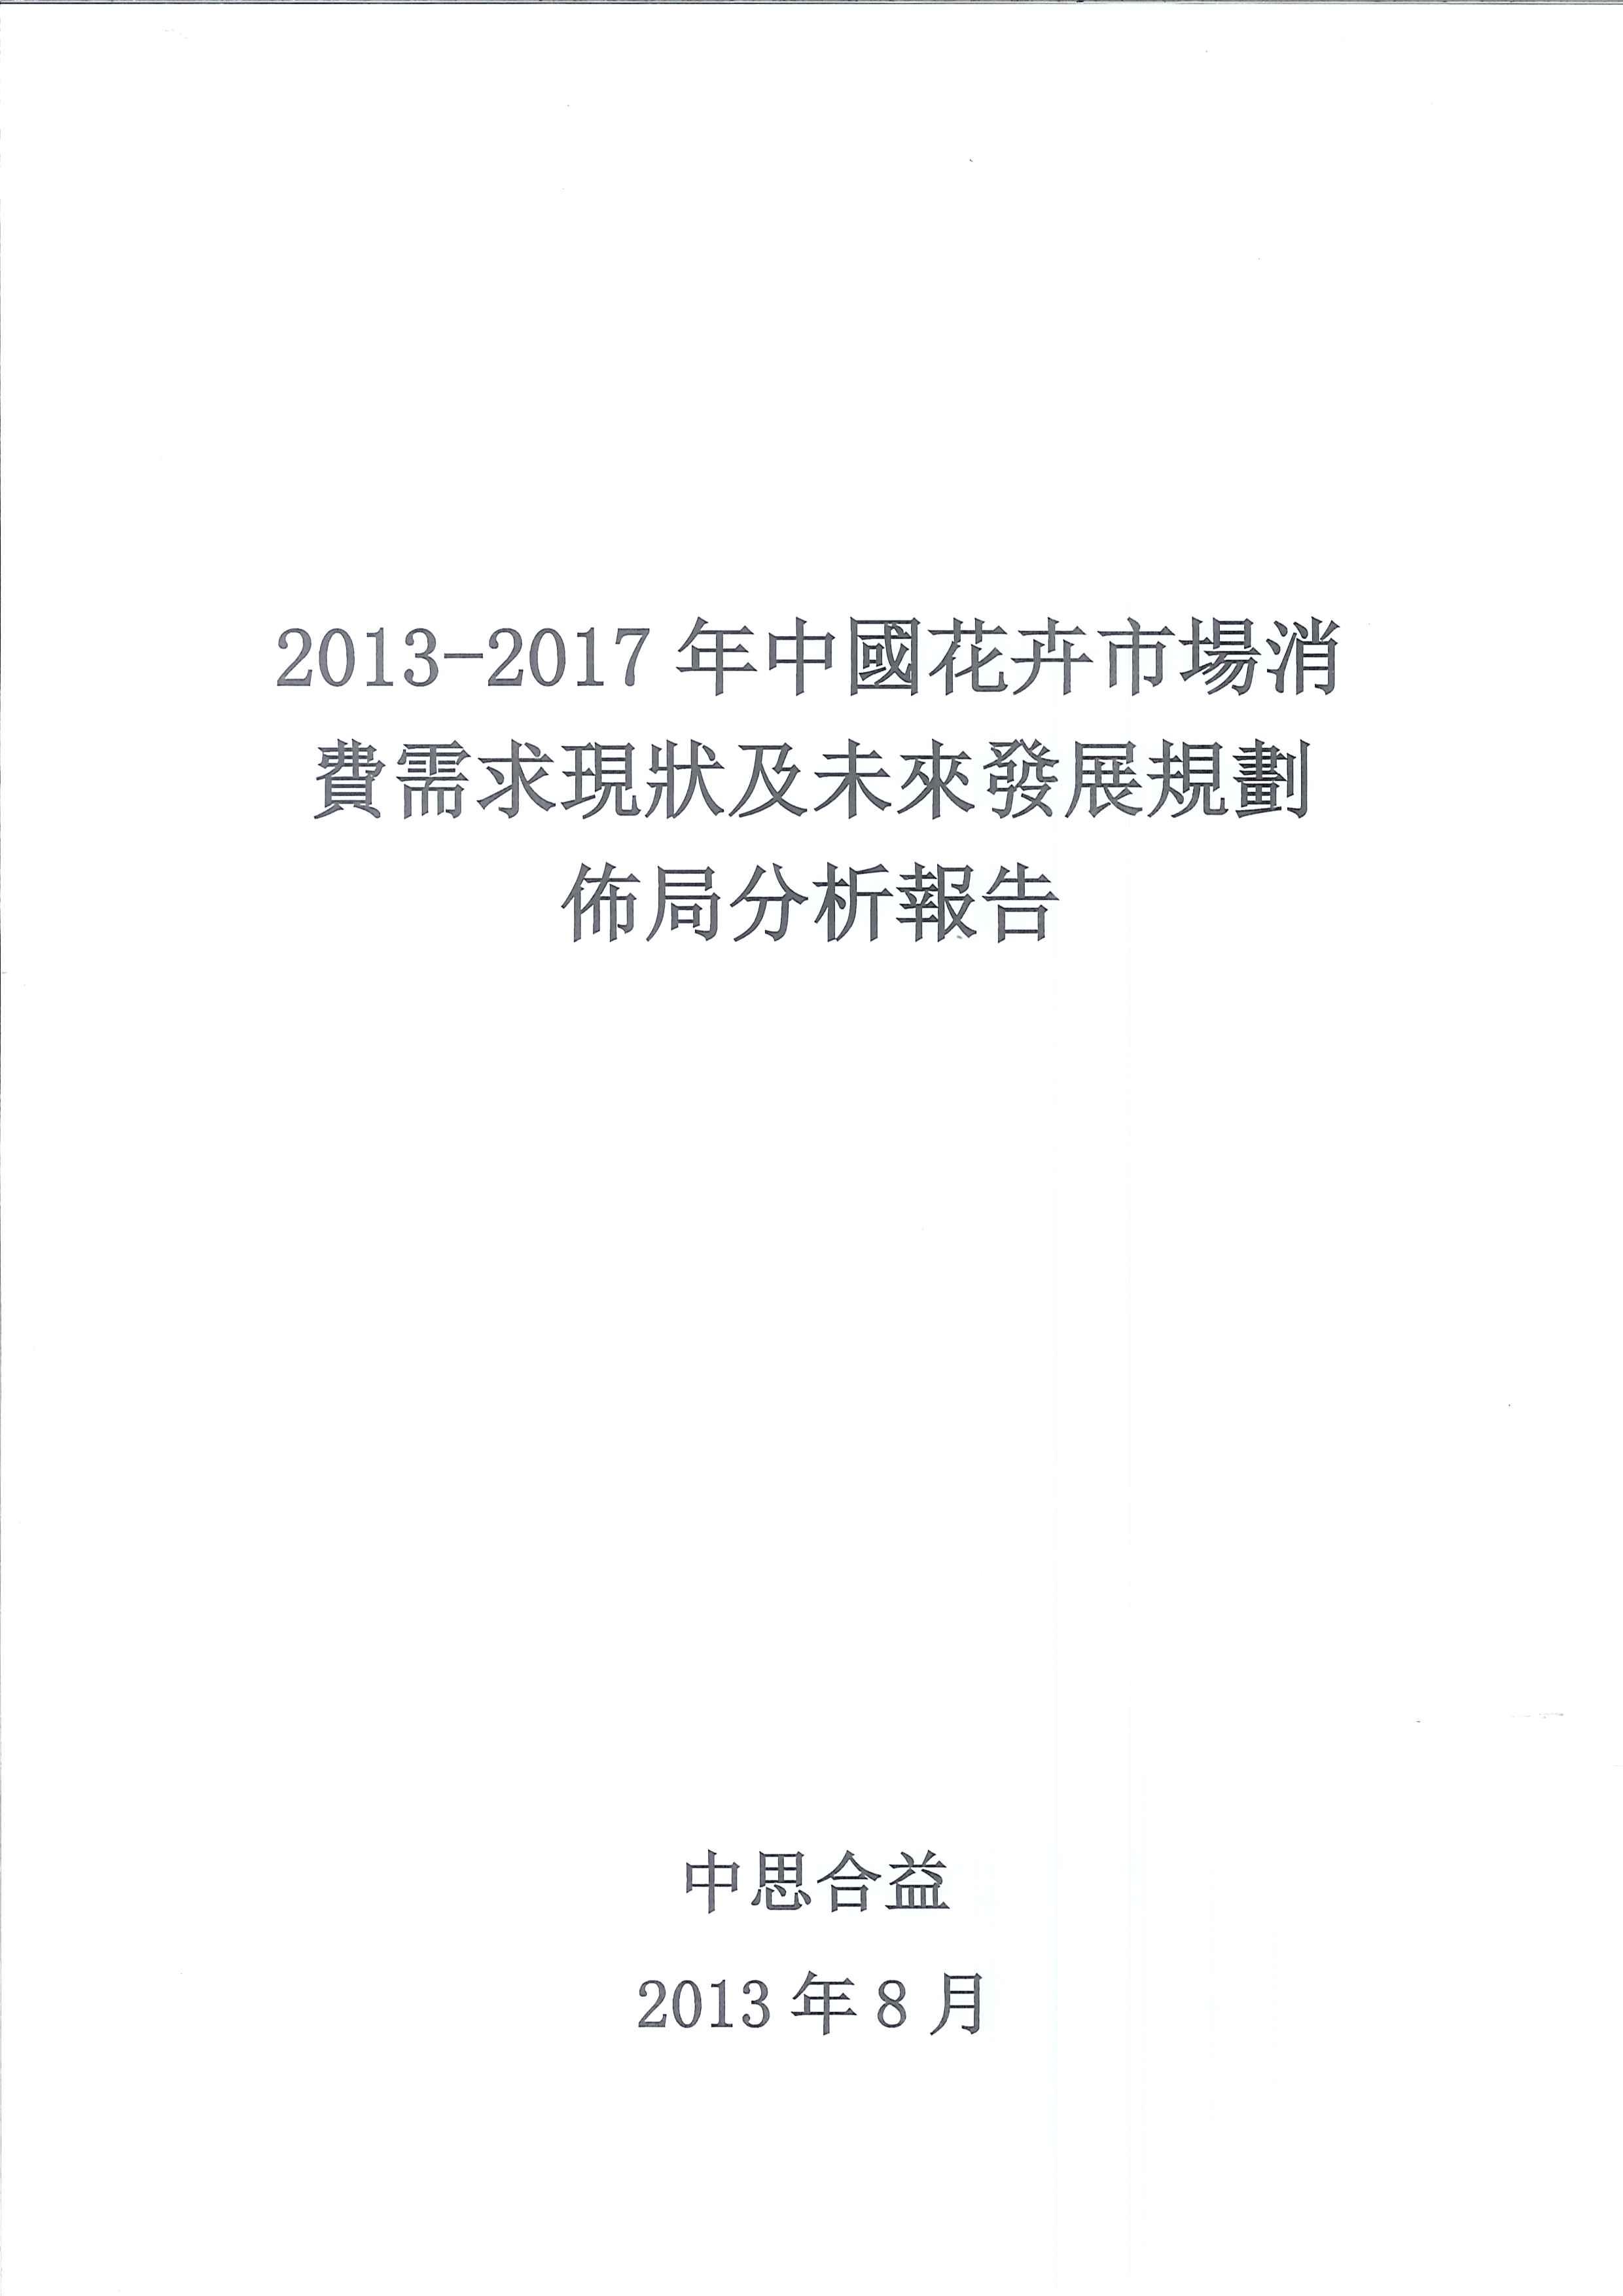 2013-2017年中國花卉市場消費需求現狀及未來發展規劃佈局分析報告 [電子書]